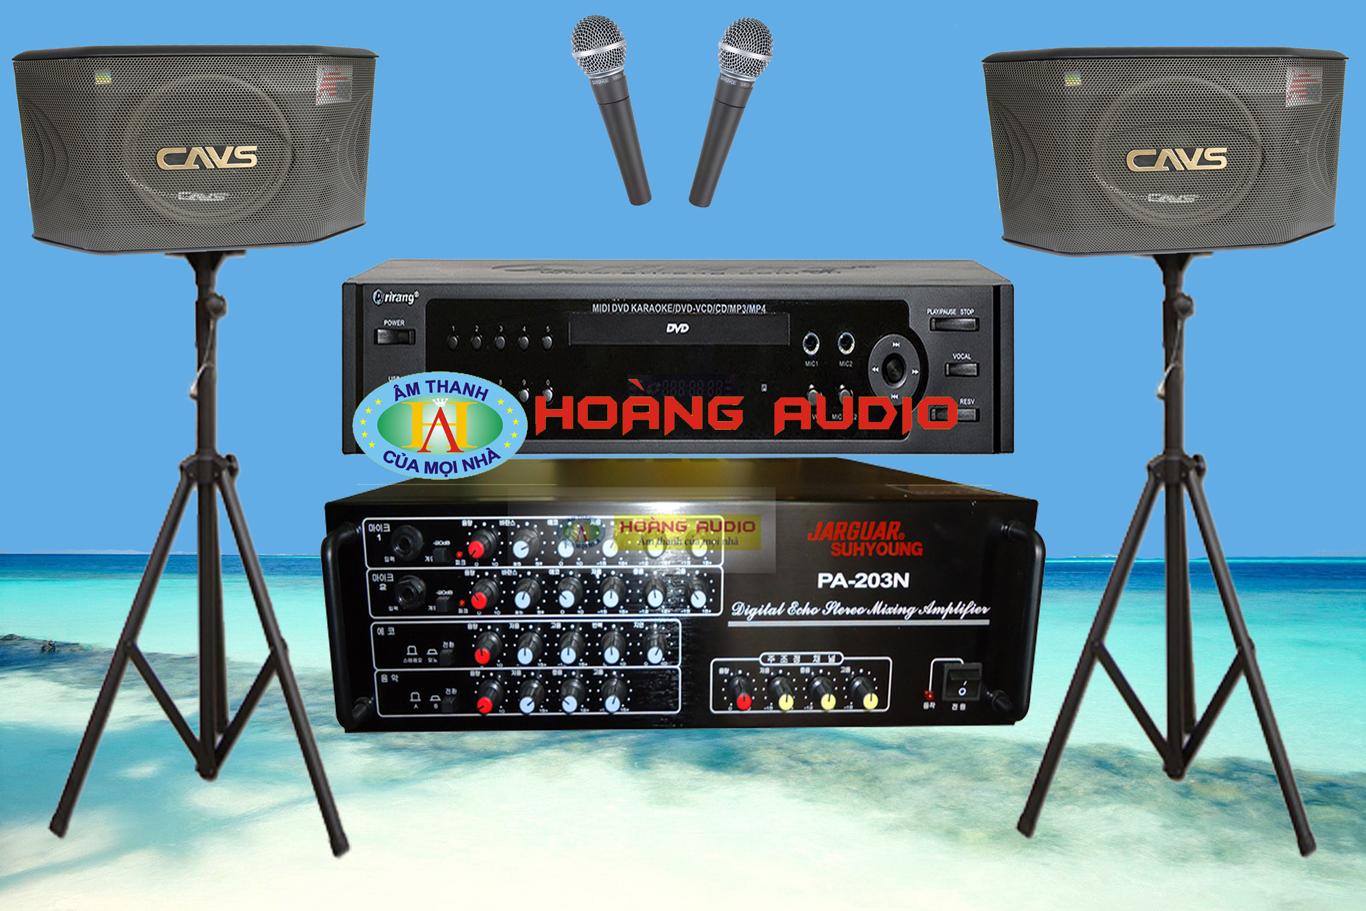 Thumbnail image for Bộ dàn karaoke gia đình HO 28